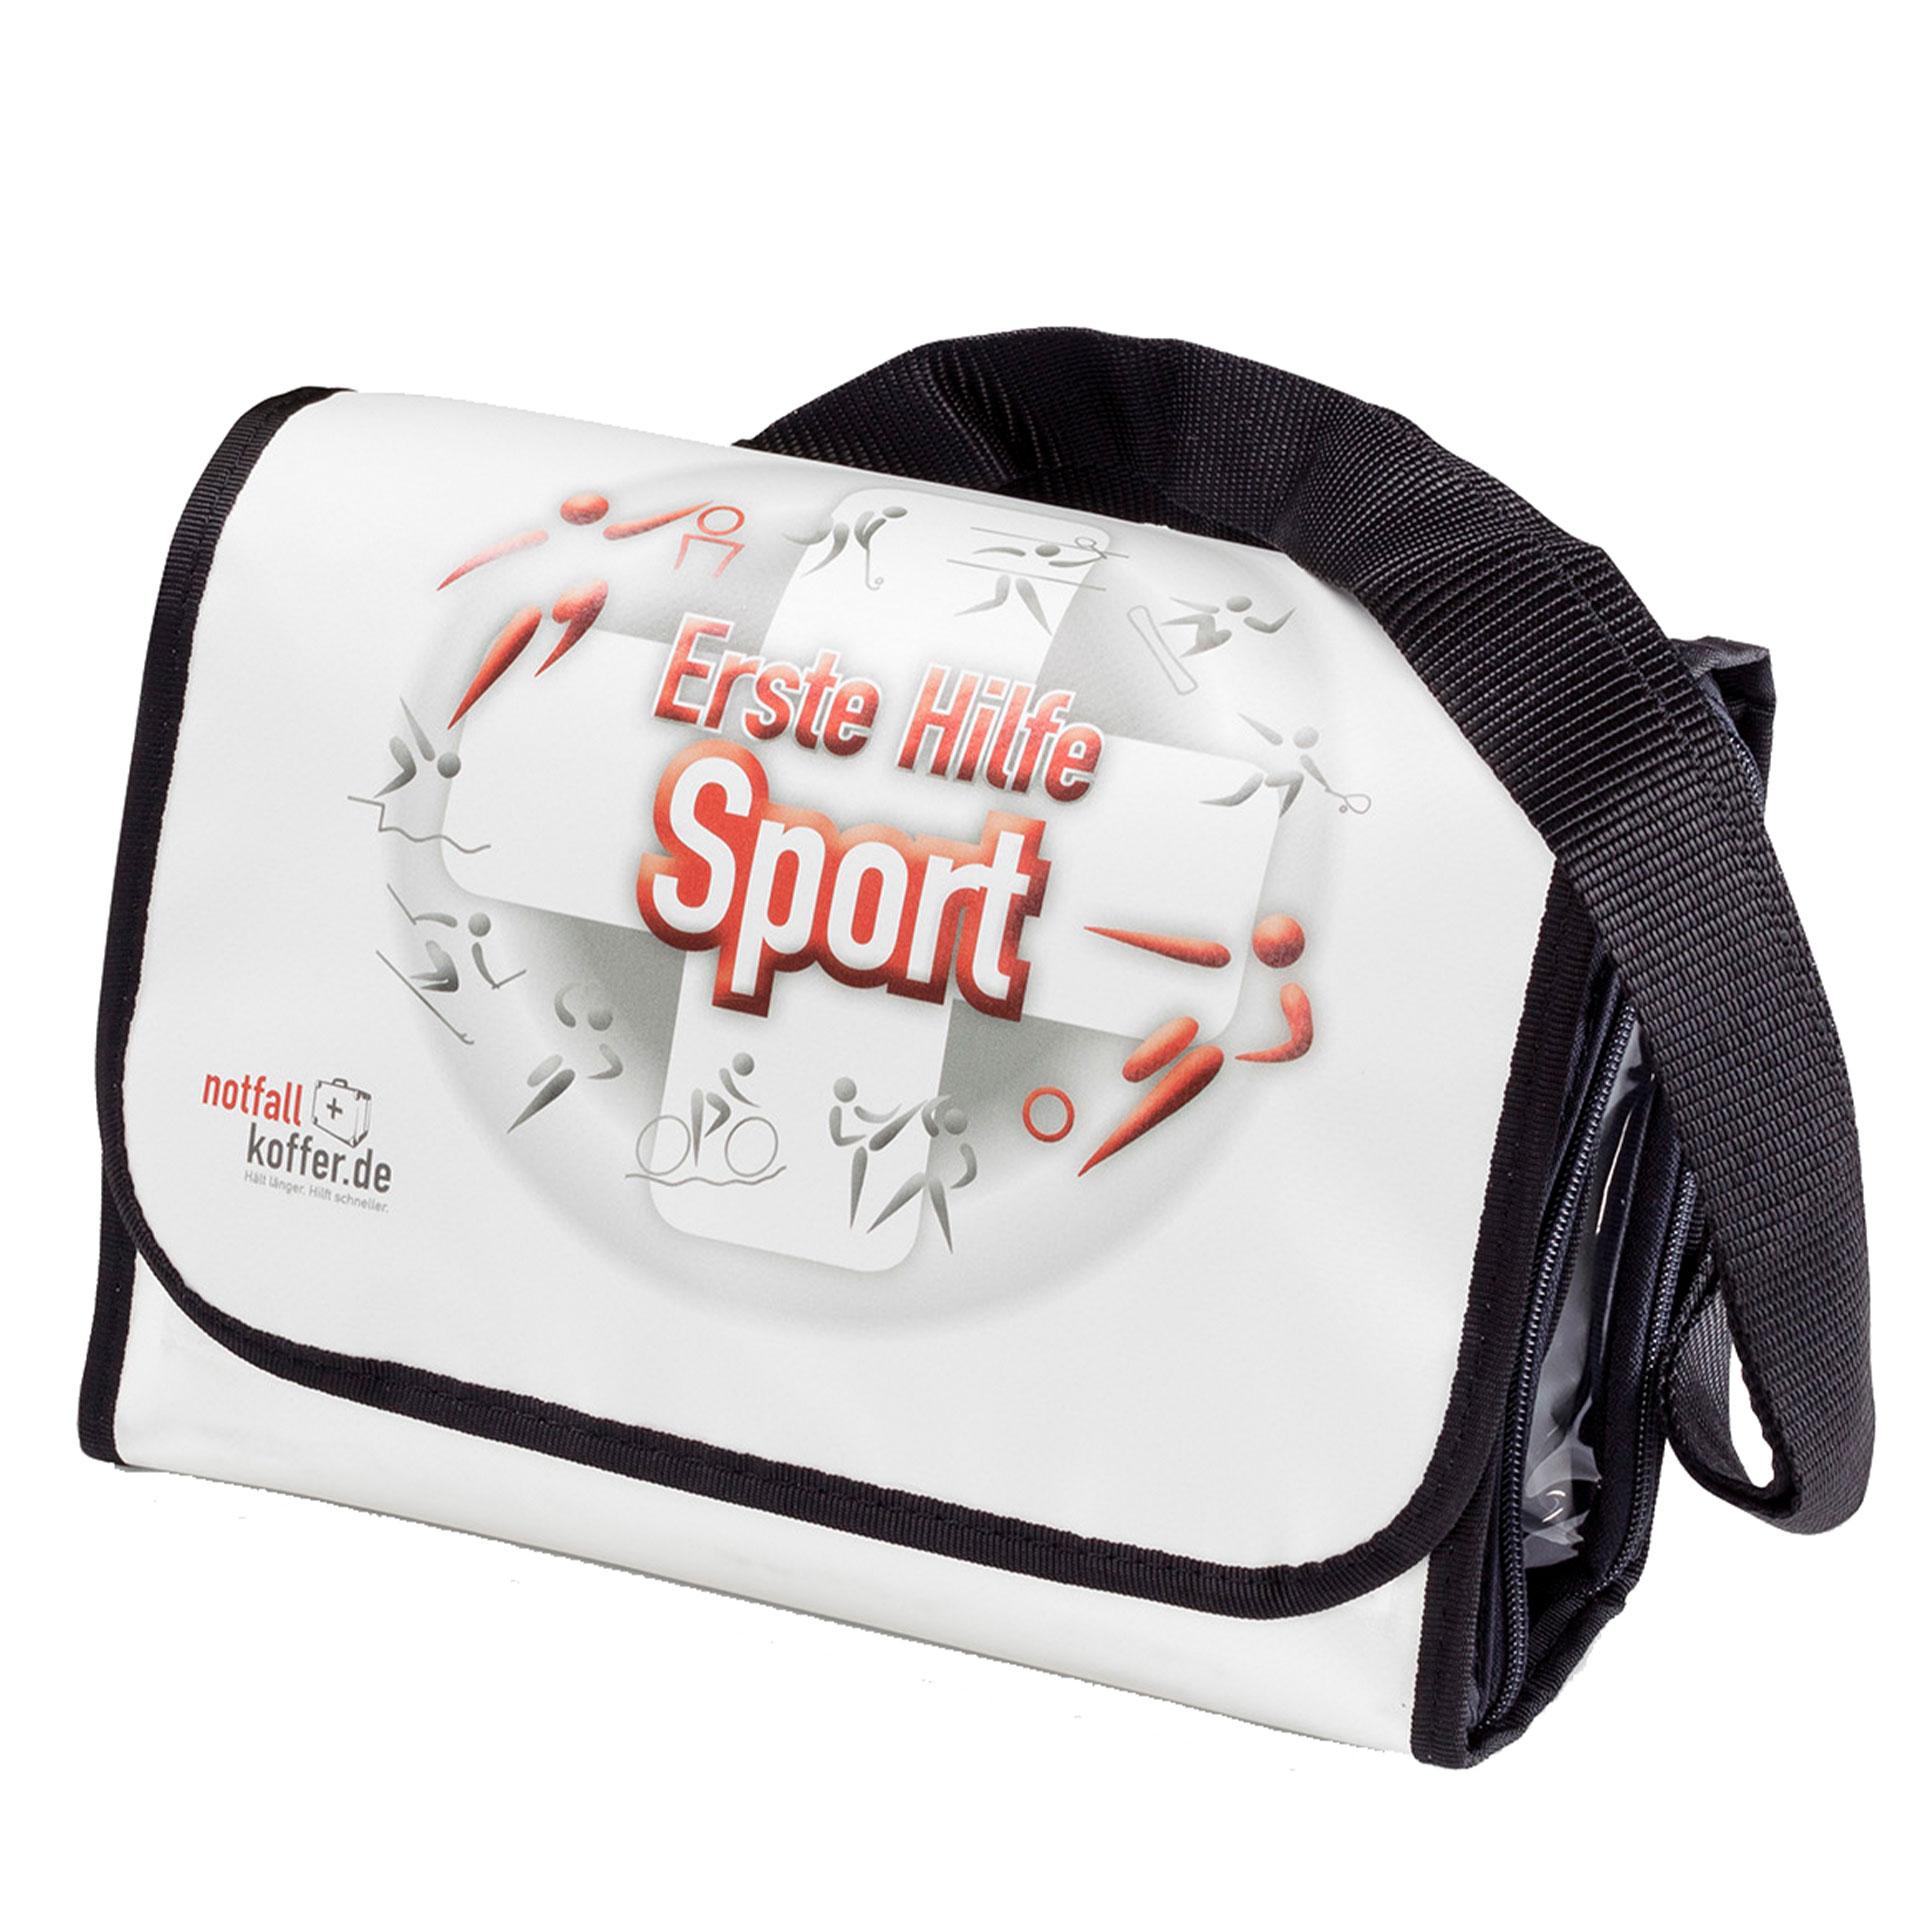 Notfalltasche Erste Hilfe Sport